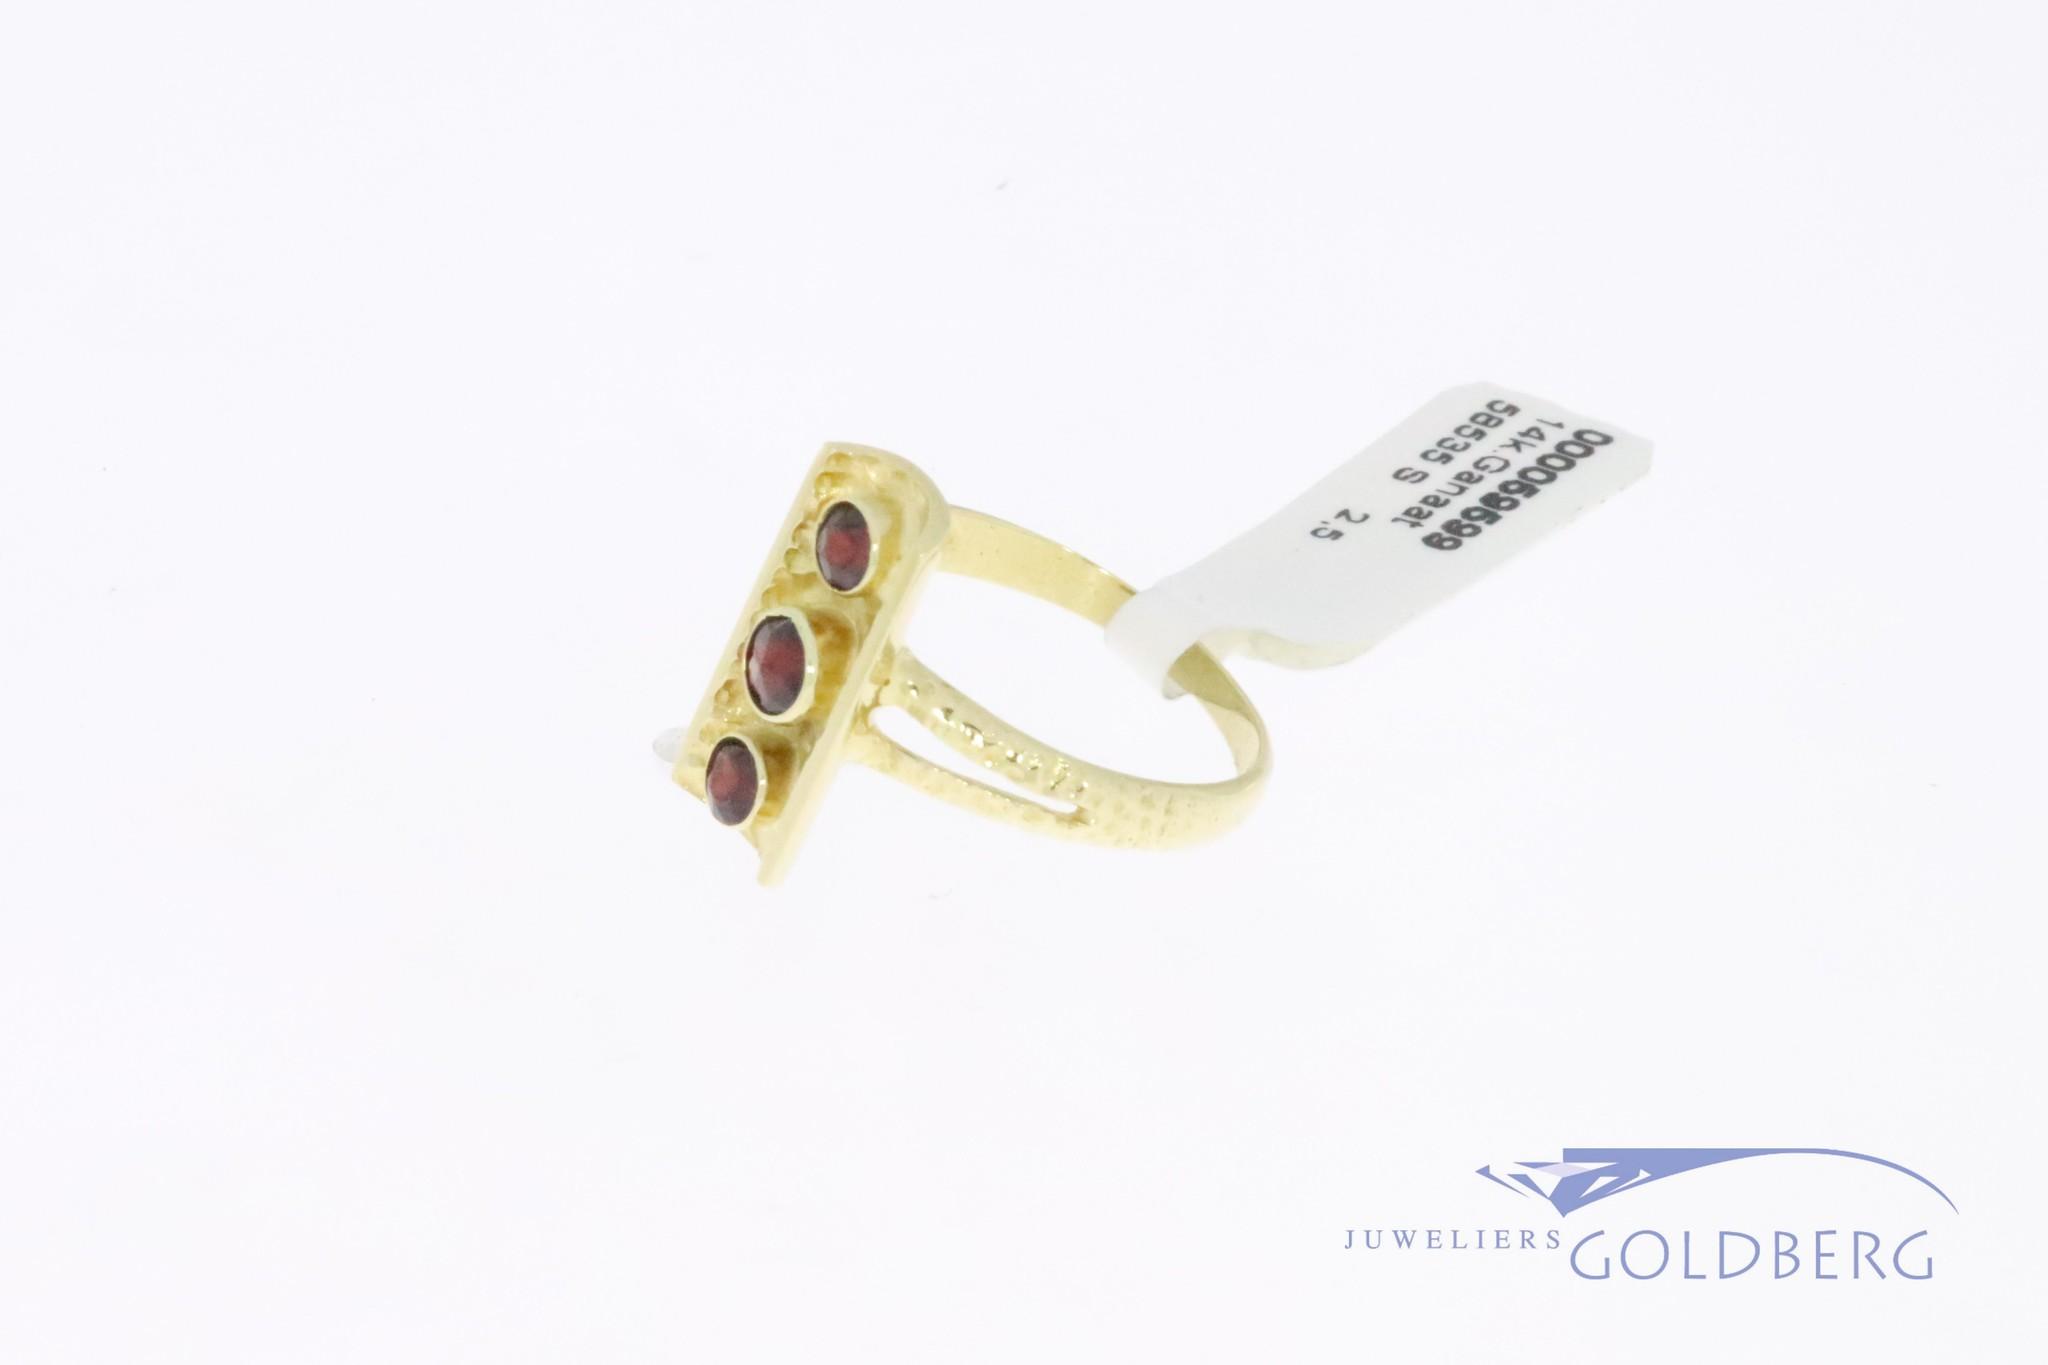 14k gold vintage design ring with 3 garnets